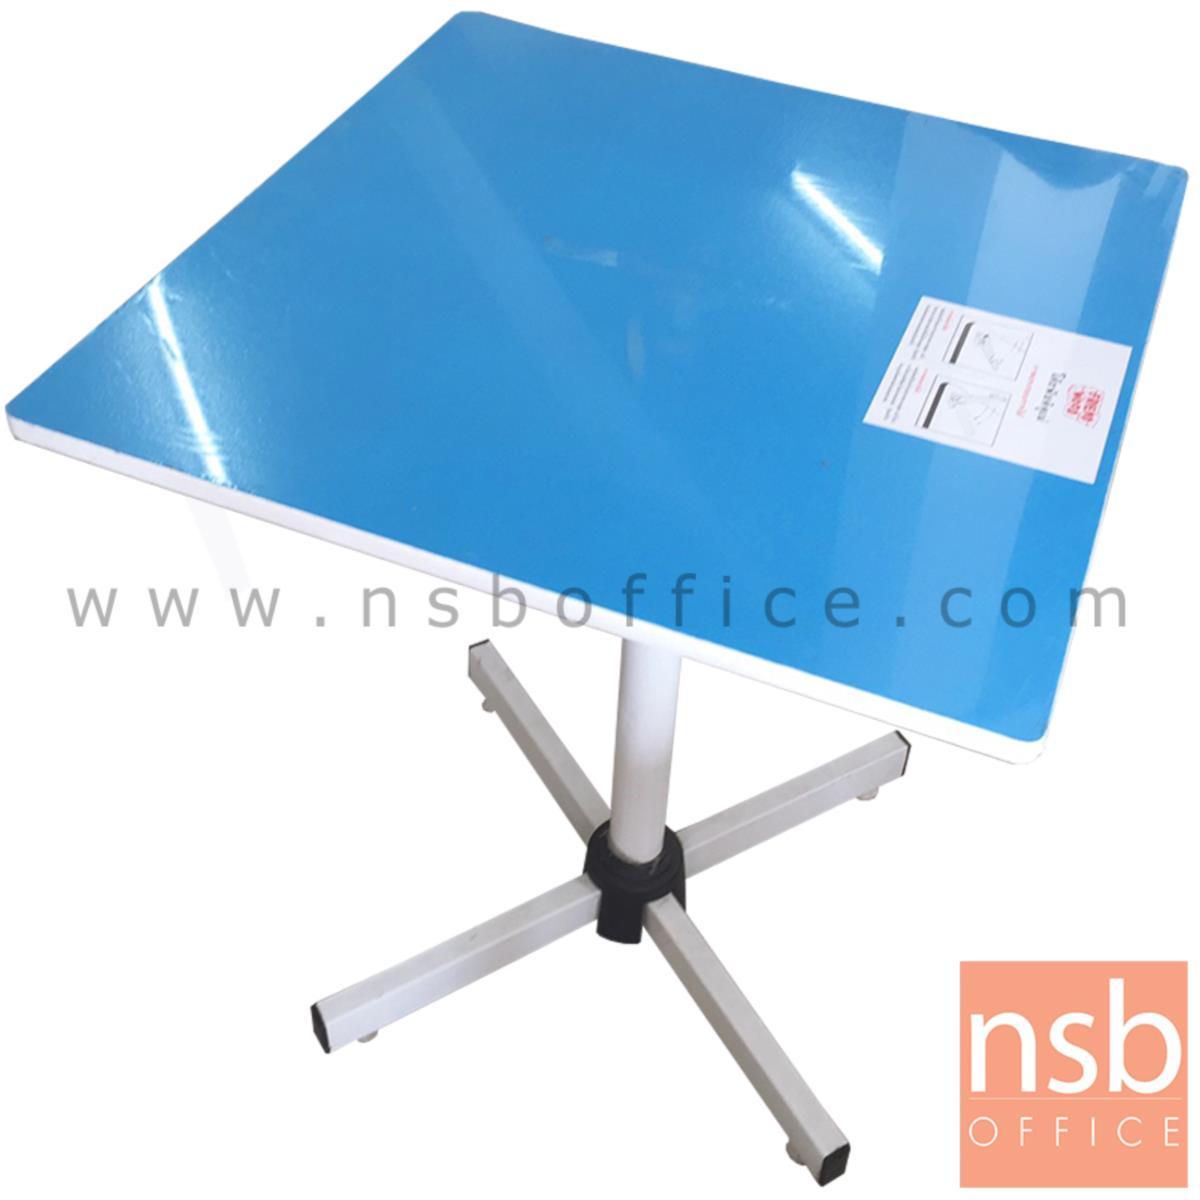 L10A176:โต๊ะพับอเนกประสงค์  ขนาด 60W*73H cm. ขาเหล็ก